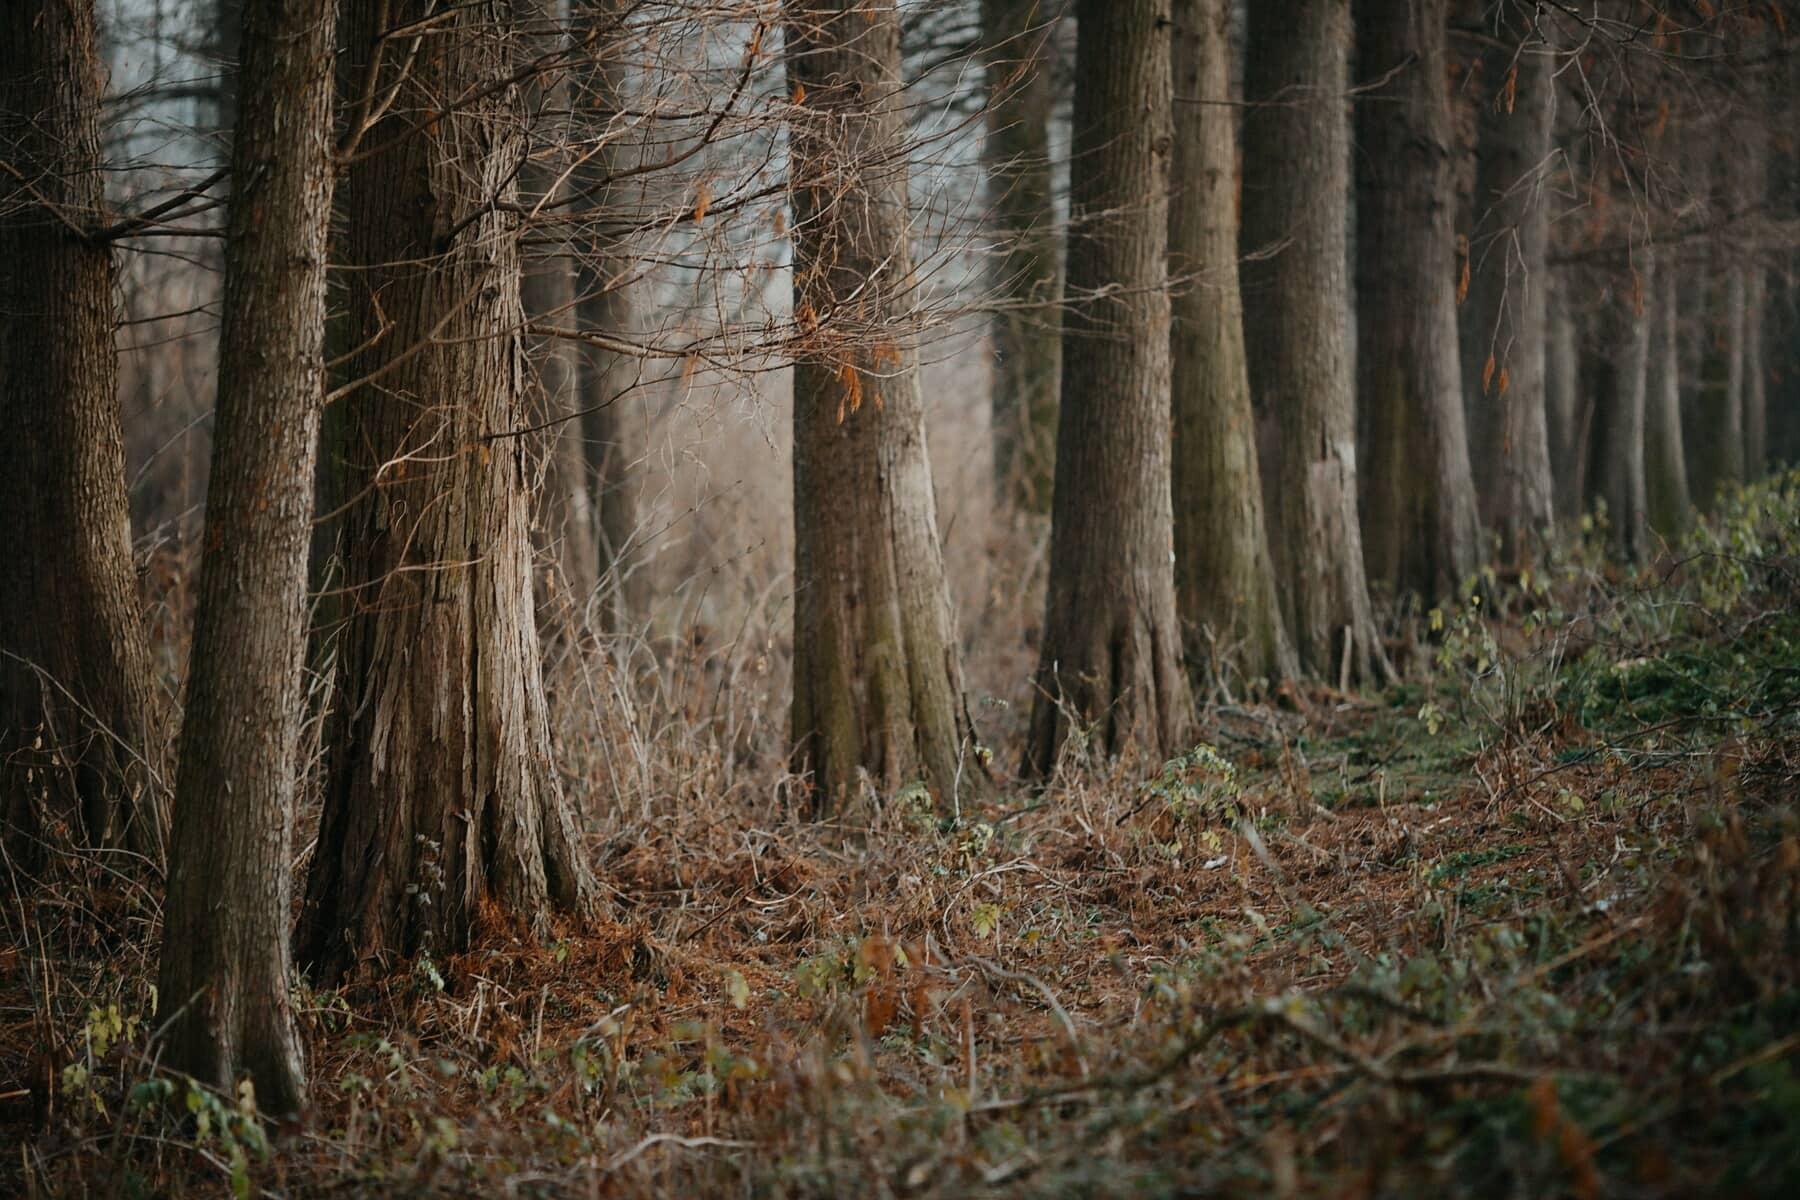 fák, reggel, erdő, köd, őszi szezon, hideg, fa, táj, fa, természet